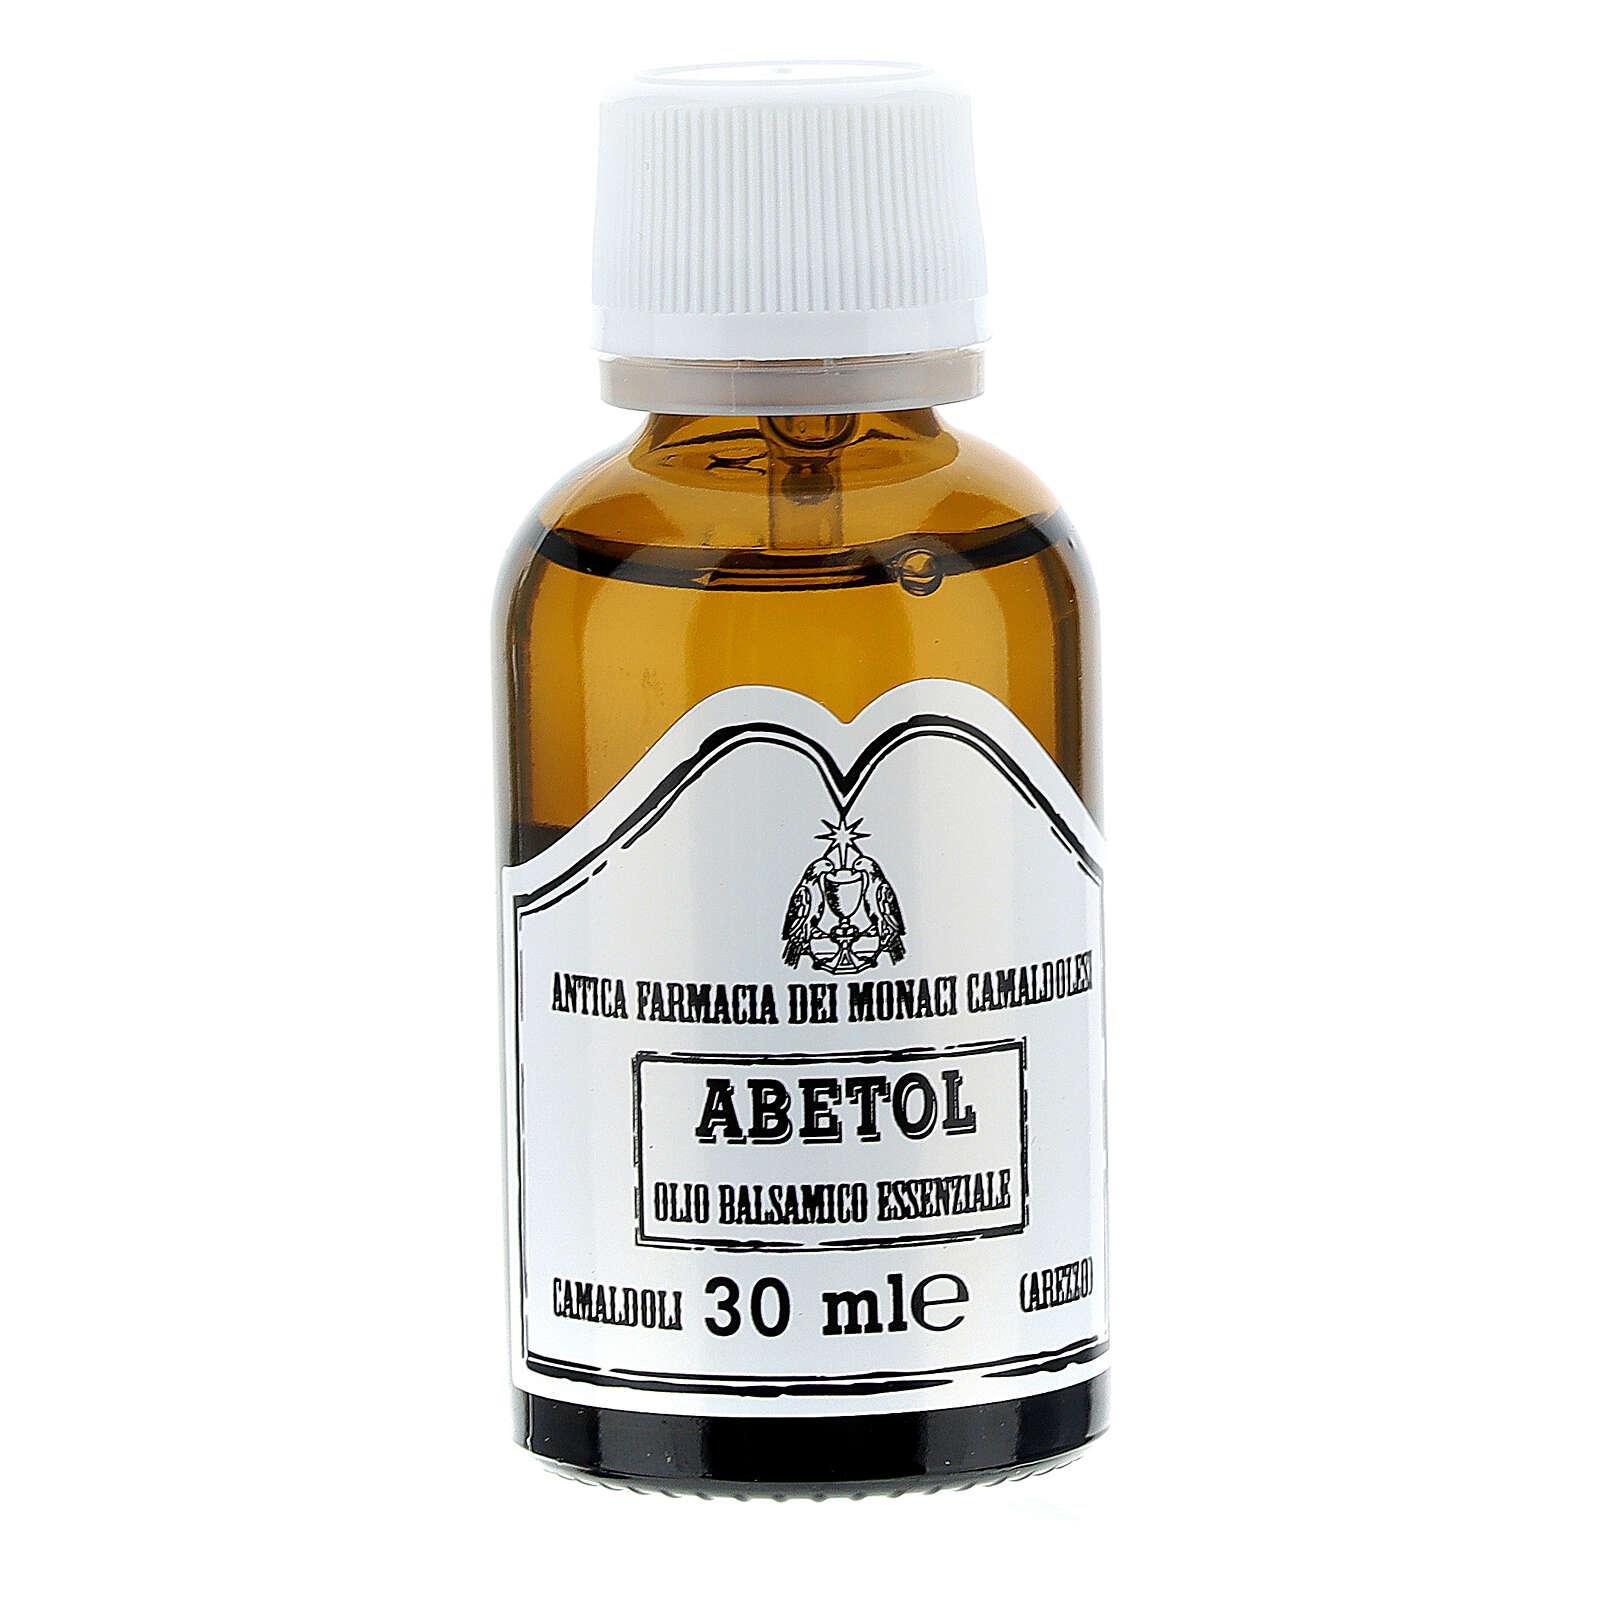 Abetol essential oil (30 ml) Camaldoli 4